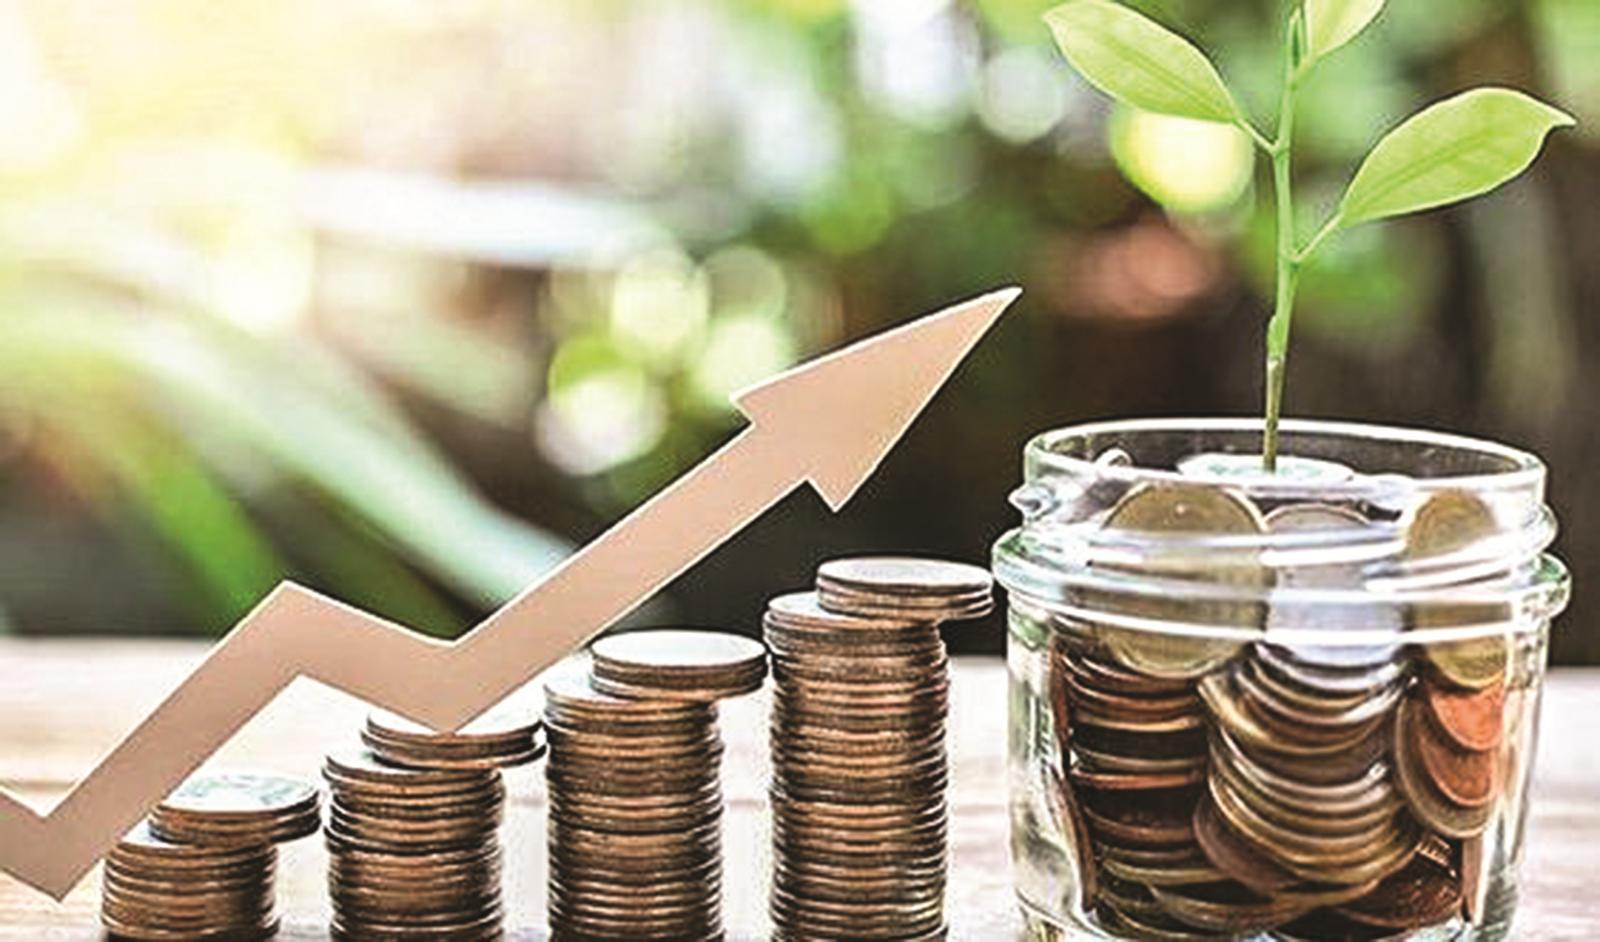 Tổ chức tài chính vi mô: Chuyển đổi để phát triển an toàn, bền vững